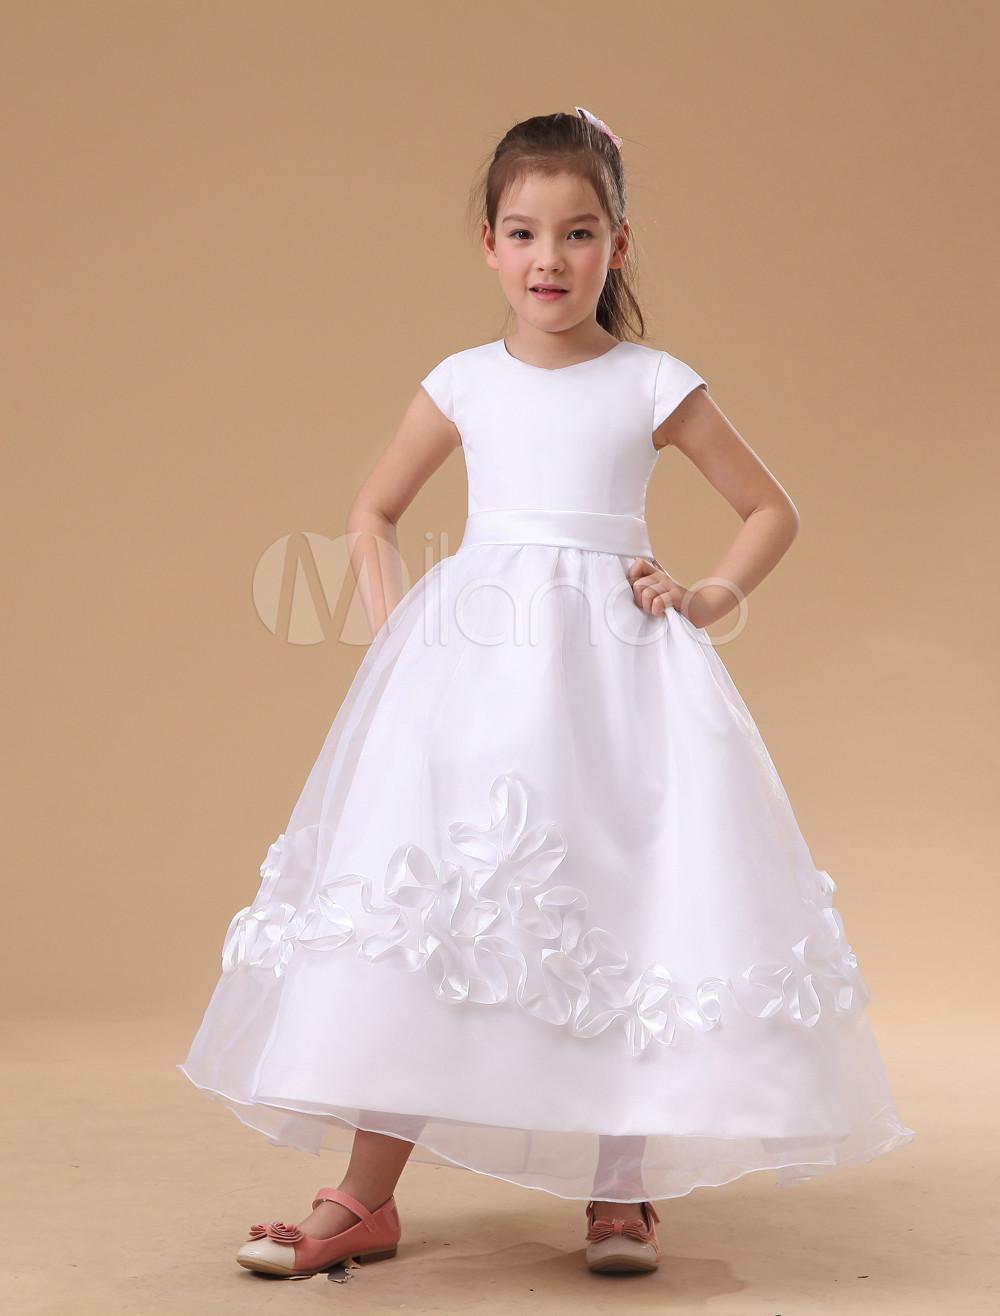 e4c0a45b6a6 Charming White Embroidery Satin Flower Girl Dress - Milanoo.com